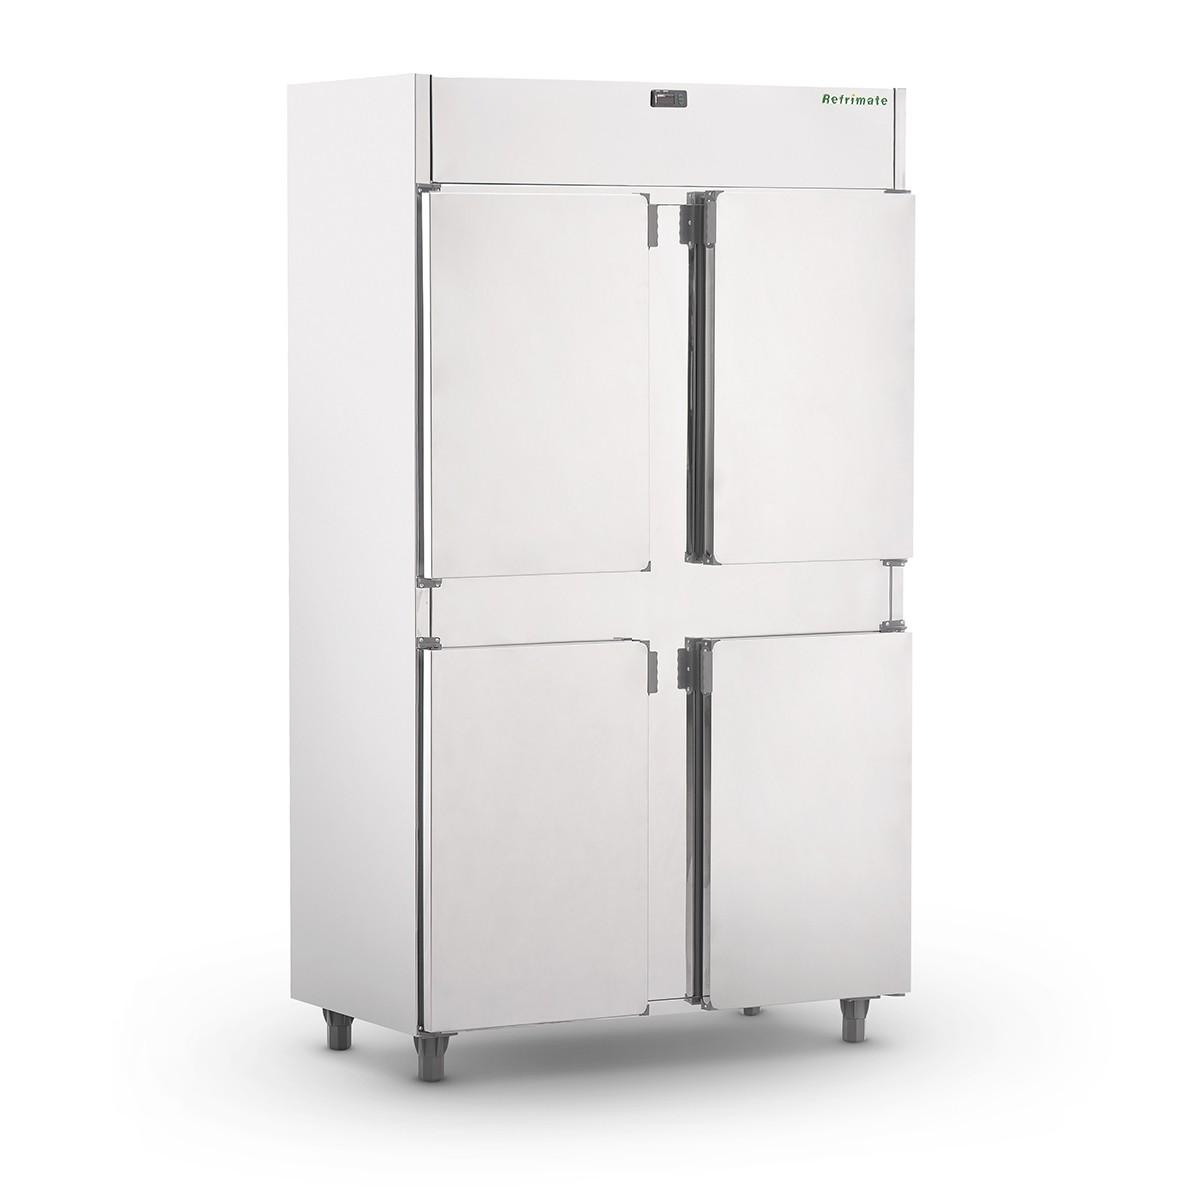 Câmara Fria Refrimate Plus MC4PP 800 Litros para Resfriados Inox 4 Portas 220V